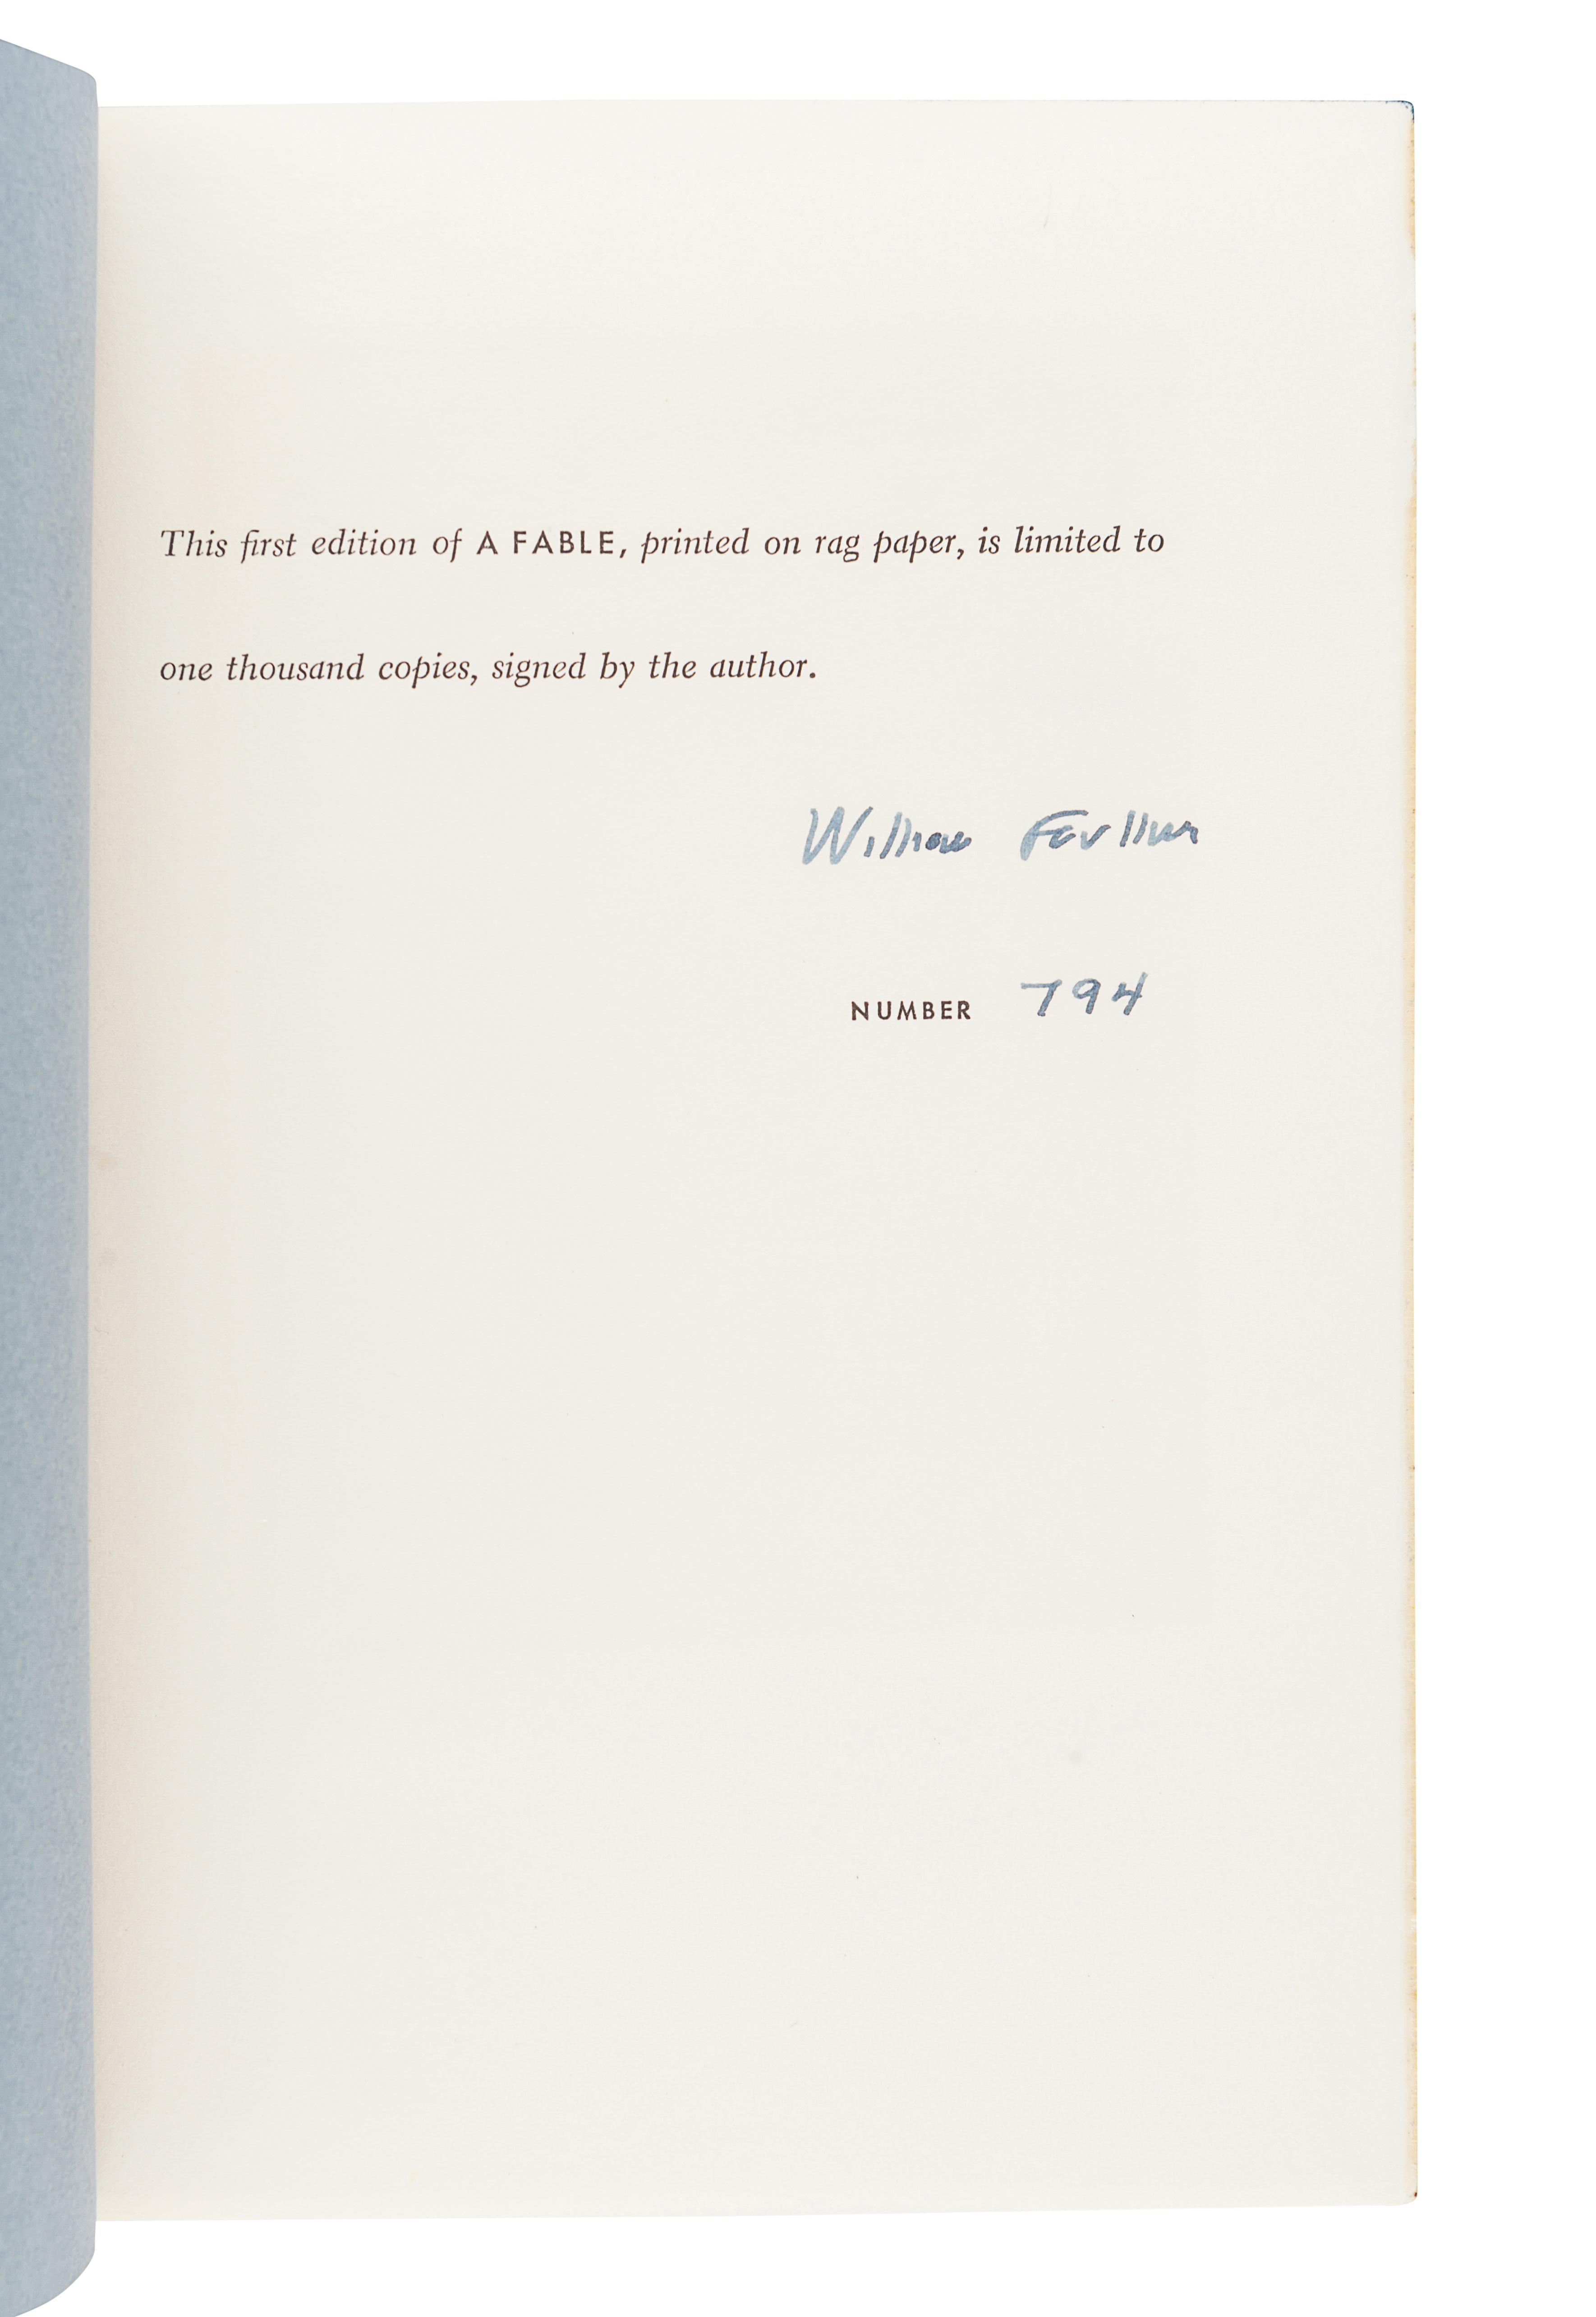 FAULKNER, William (1897-1962). A Fable. New York: Random House, 1954.